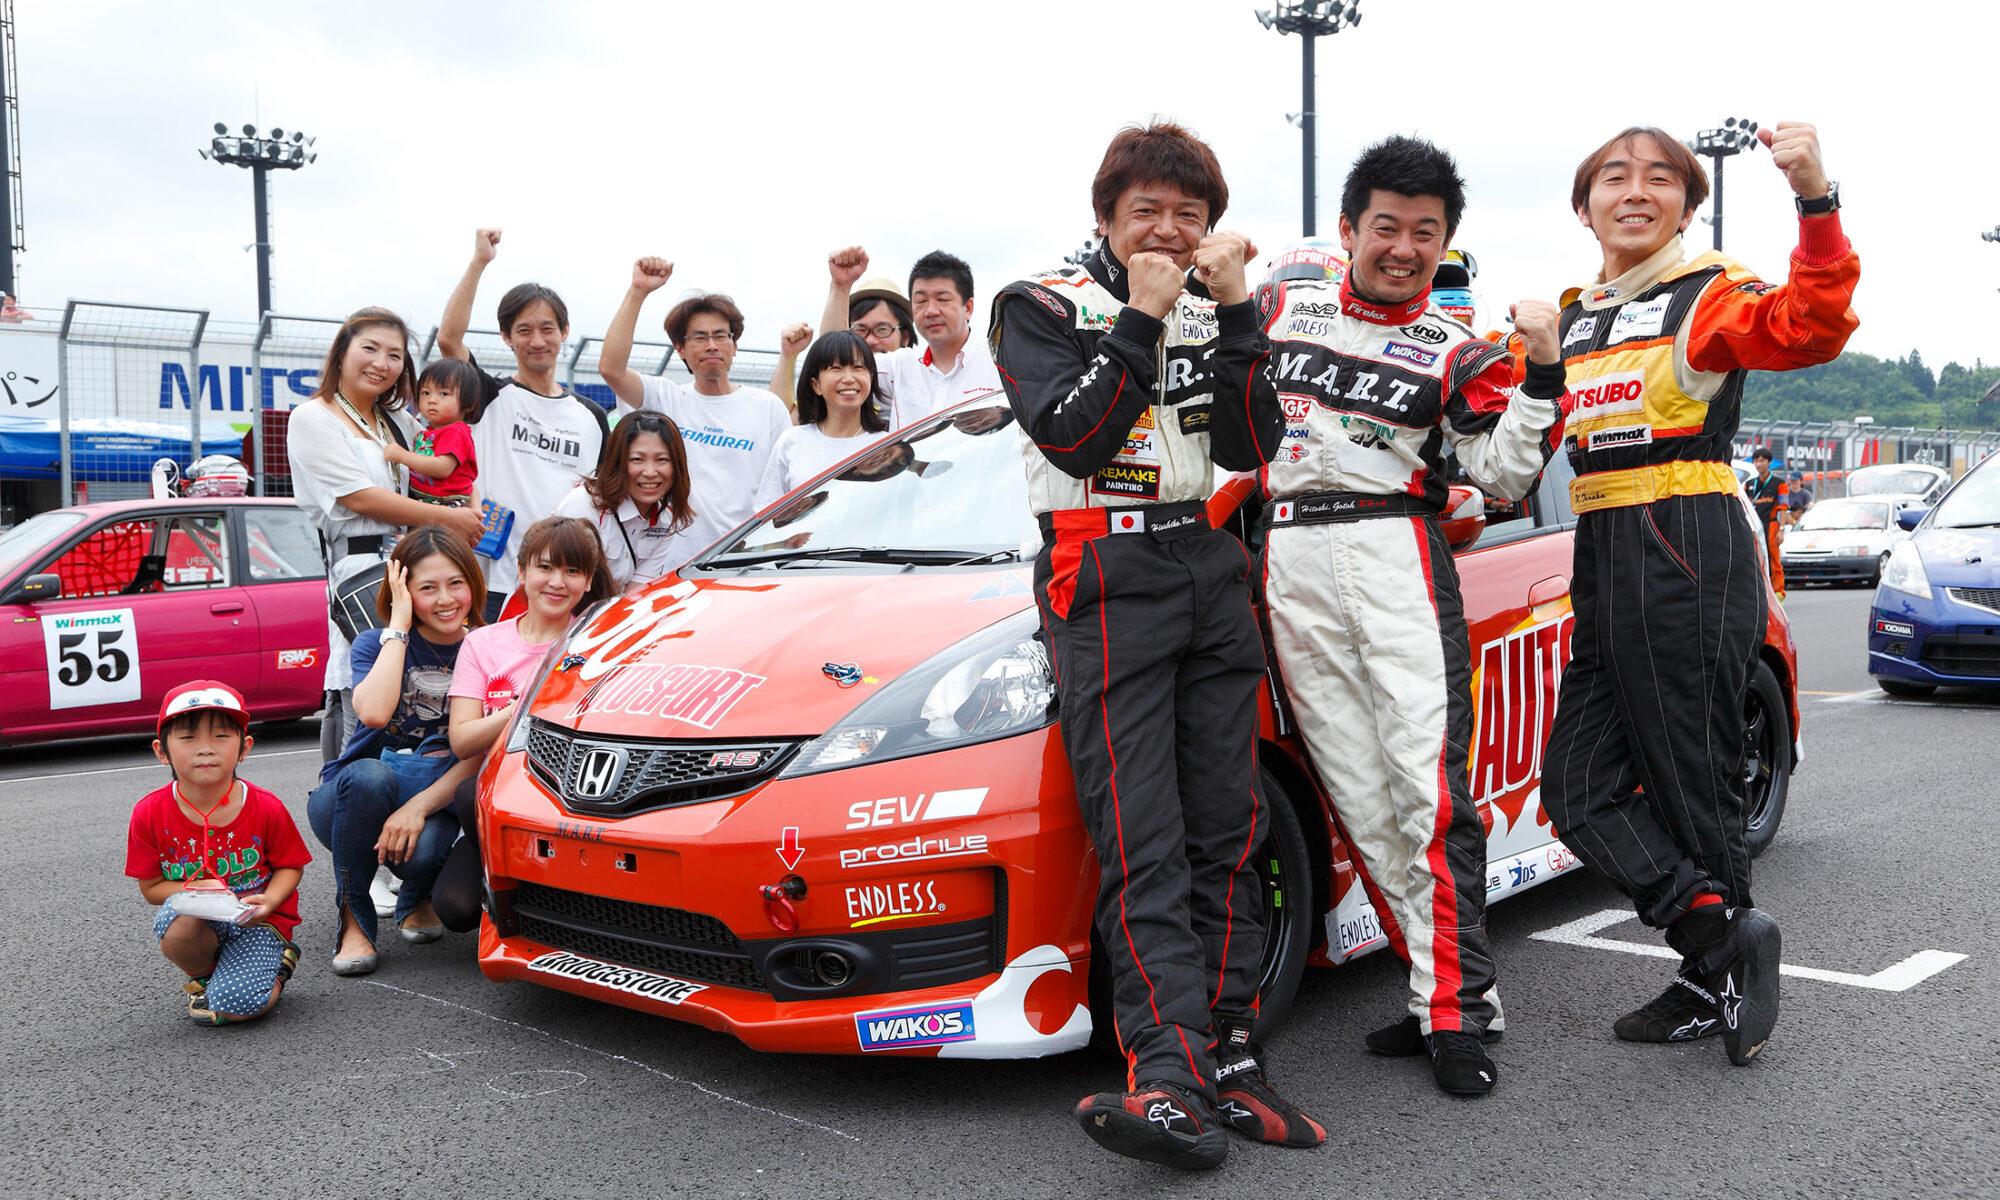 もてぎ1.5チャレンジカップの第3戦はJOY耐(もてぎENJOY耐久レース)